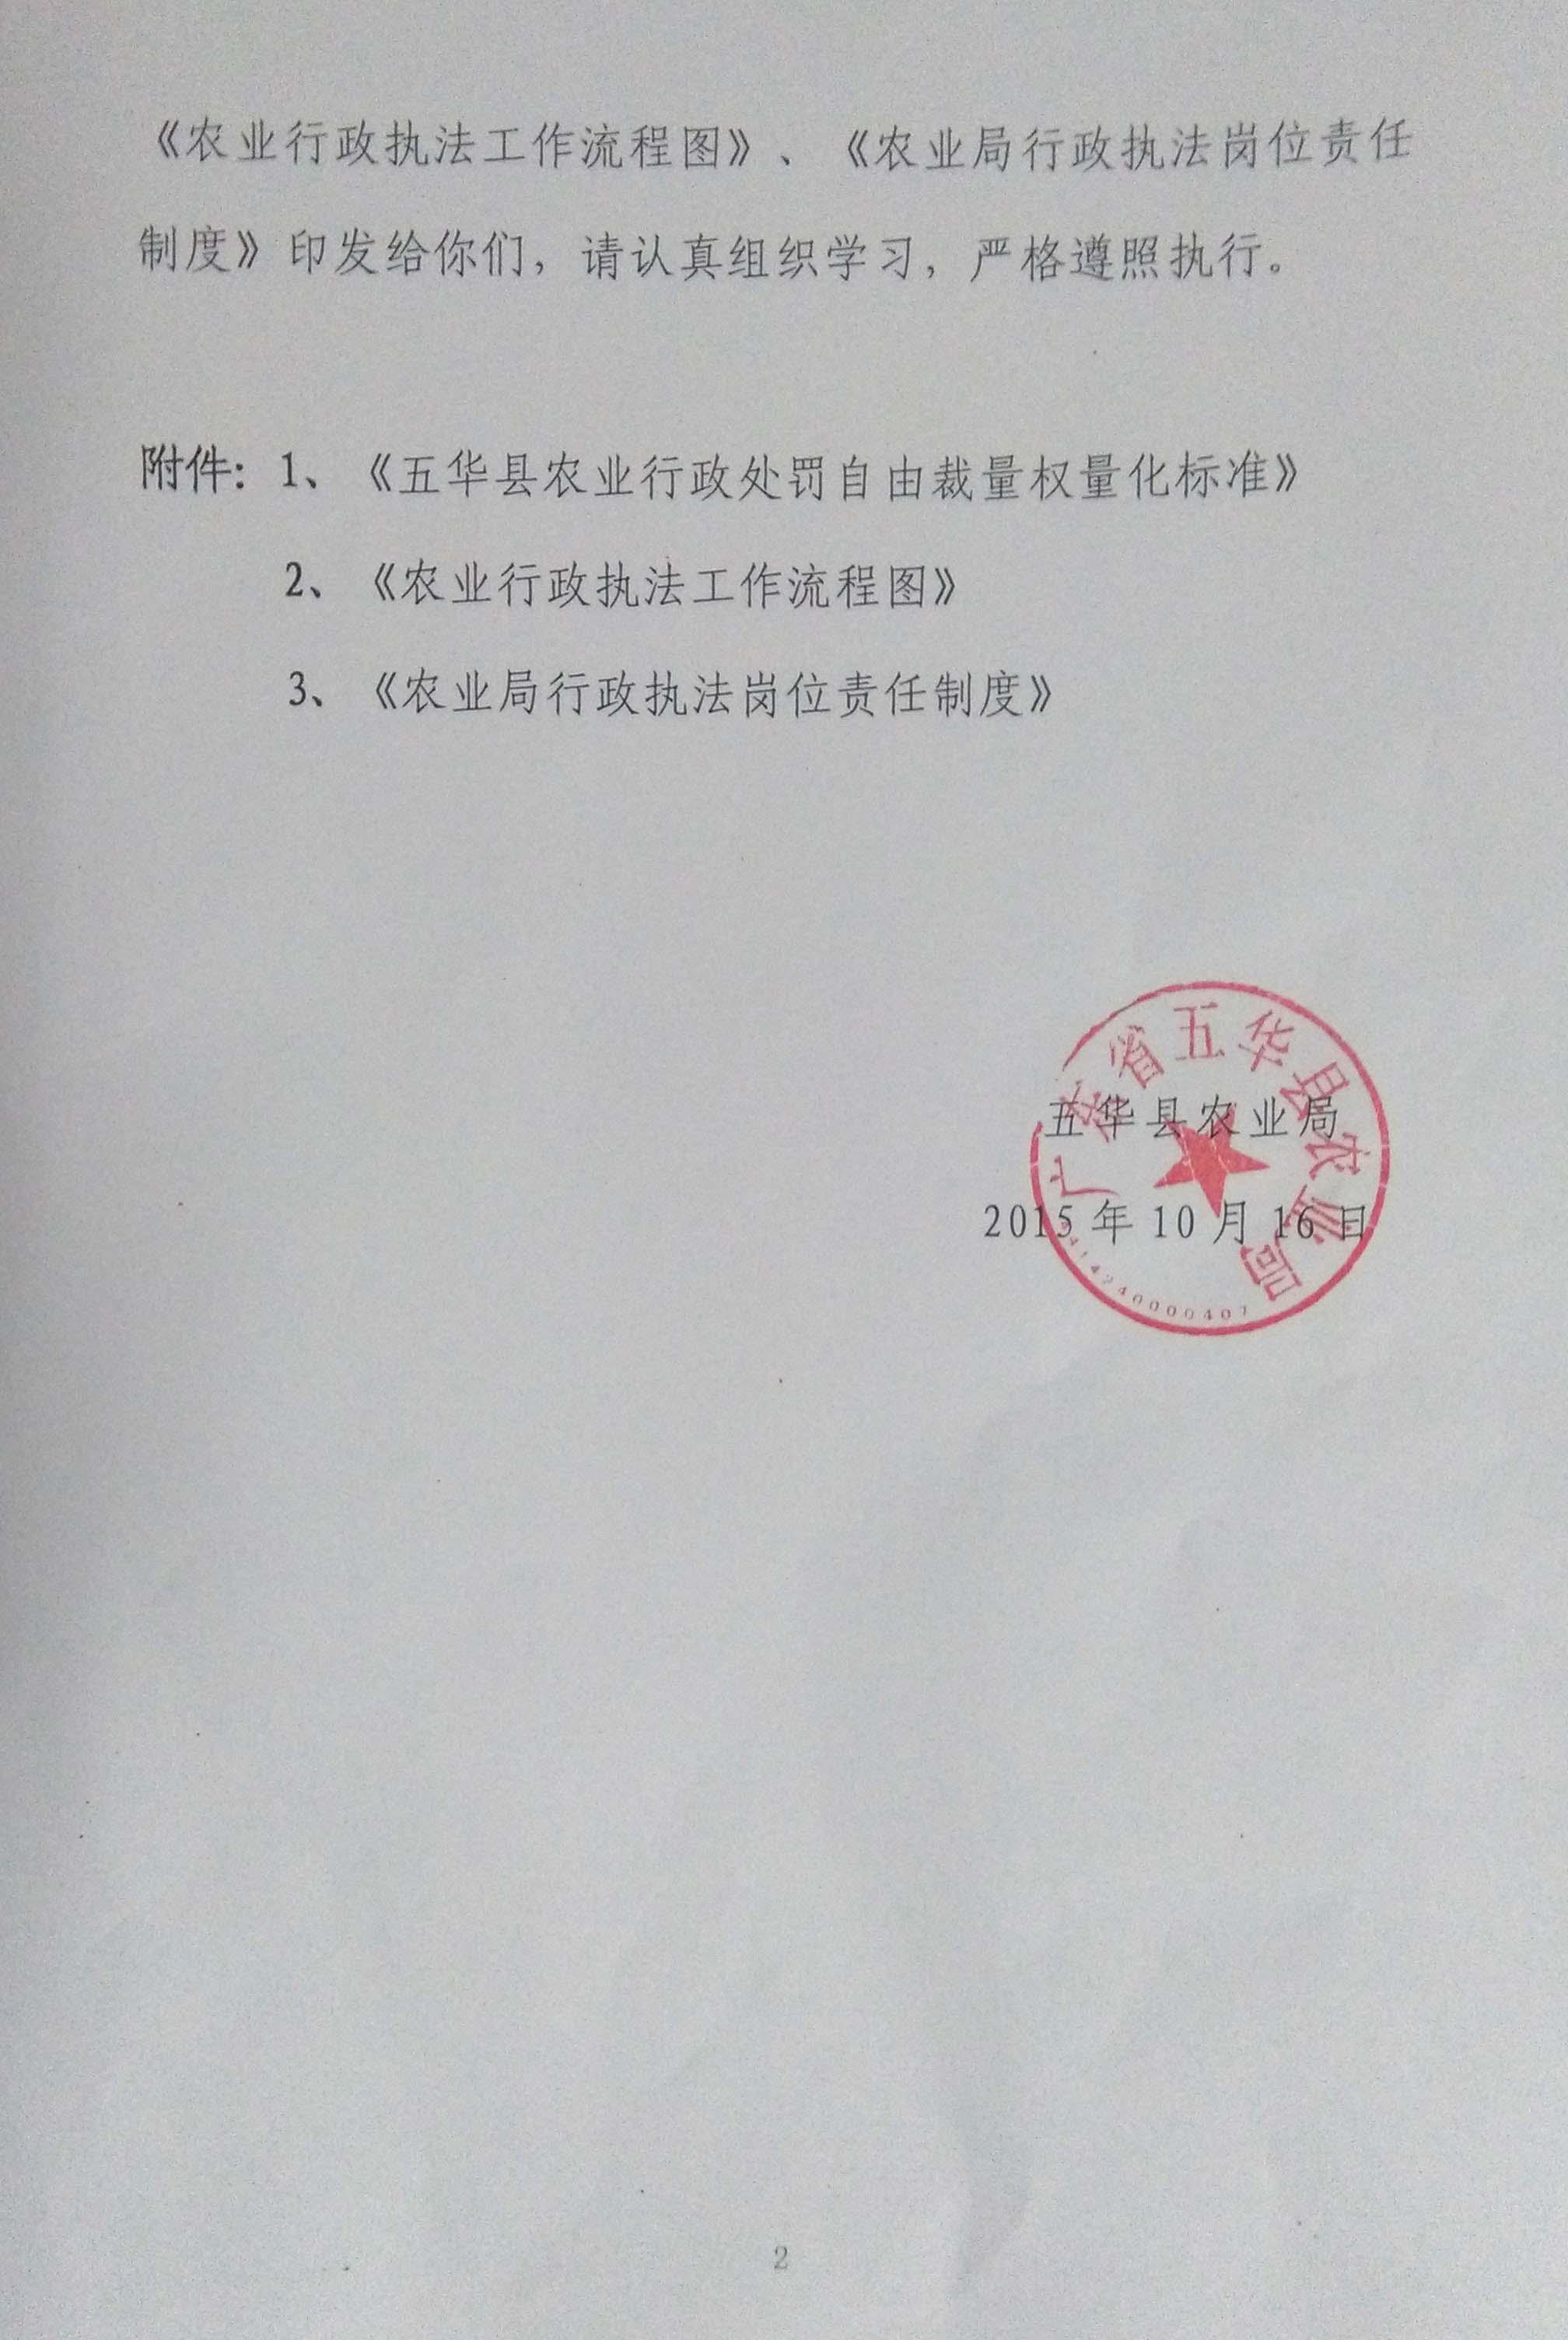 五华县农业行政处罚自由裁量权量化标准 农业行政执法工作流程图